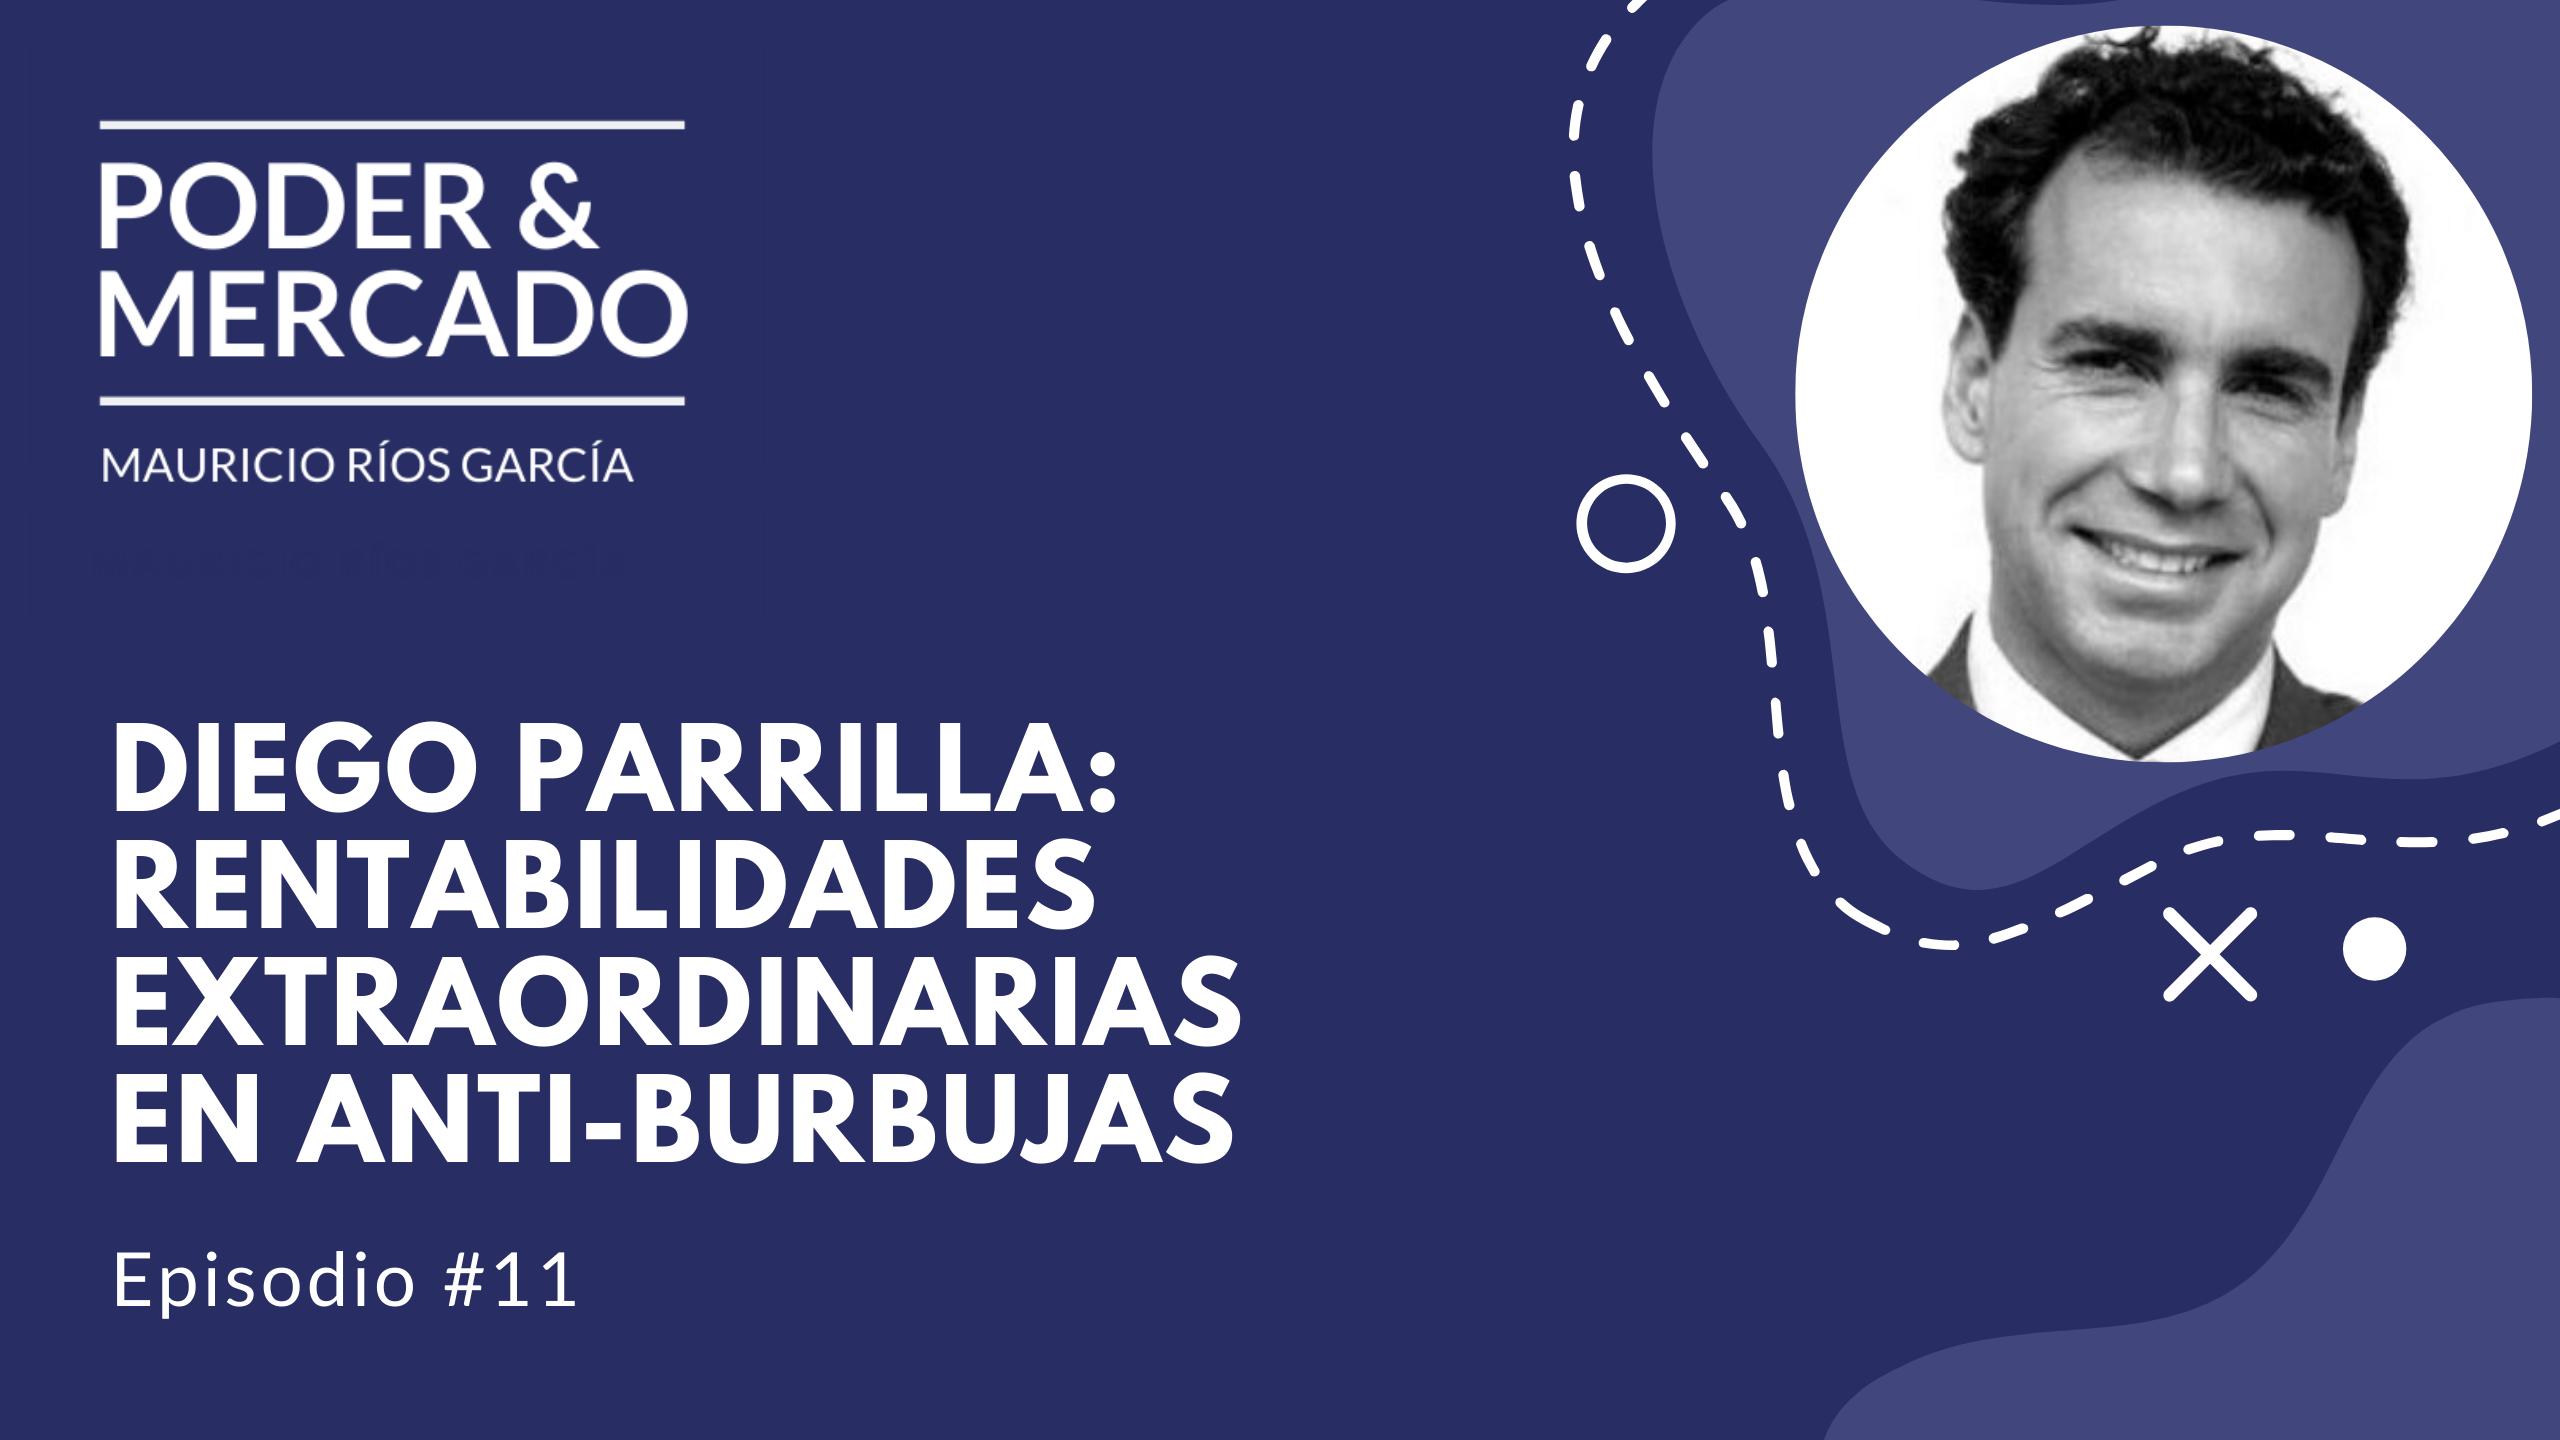 11 Diego Parrilla: Rentabilidades extraordinarias en anti-burbujas -  Mauricio Ríos García